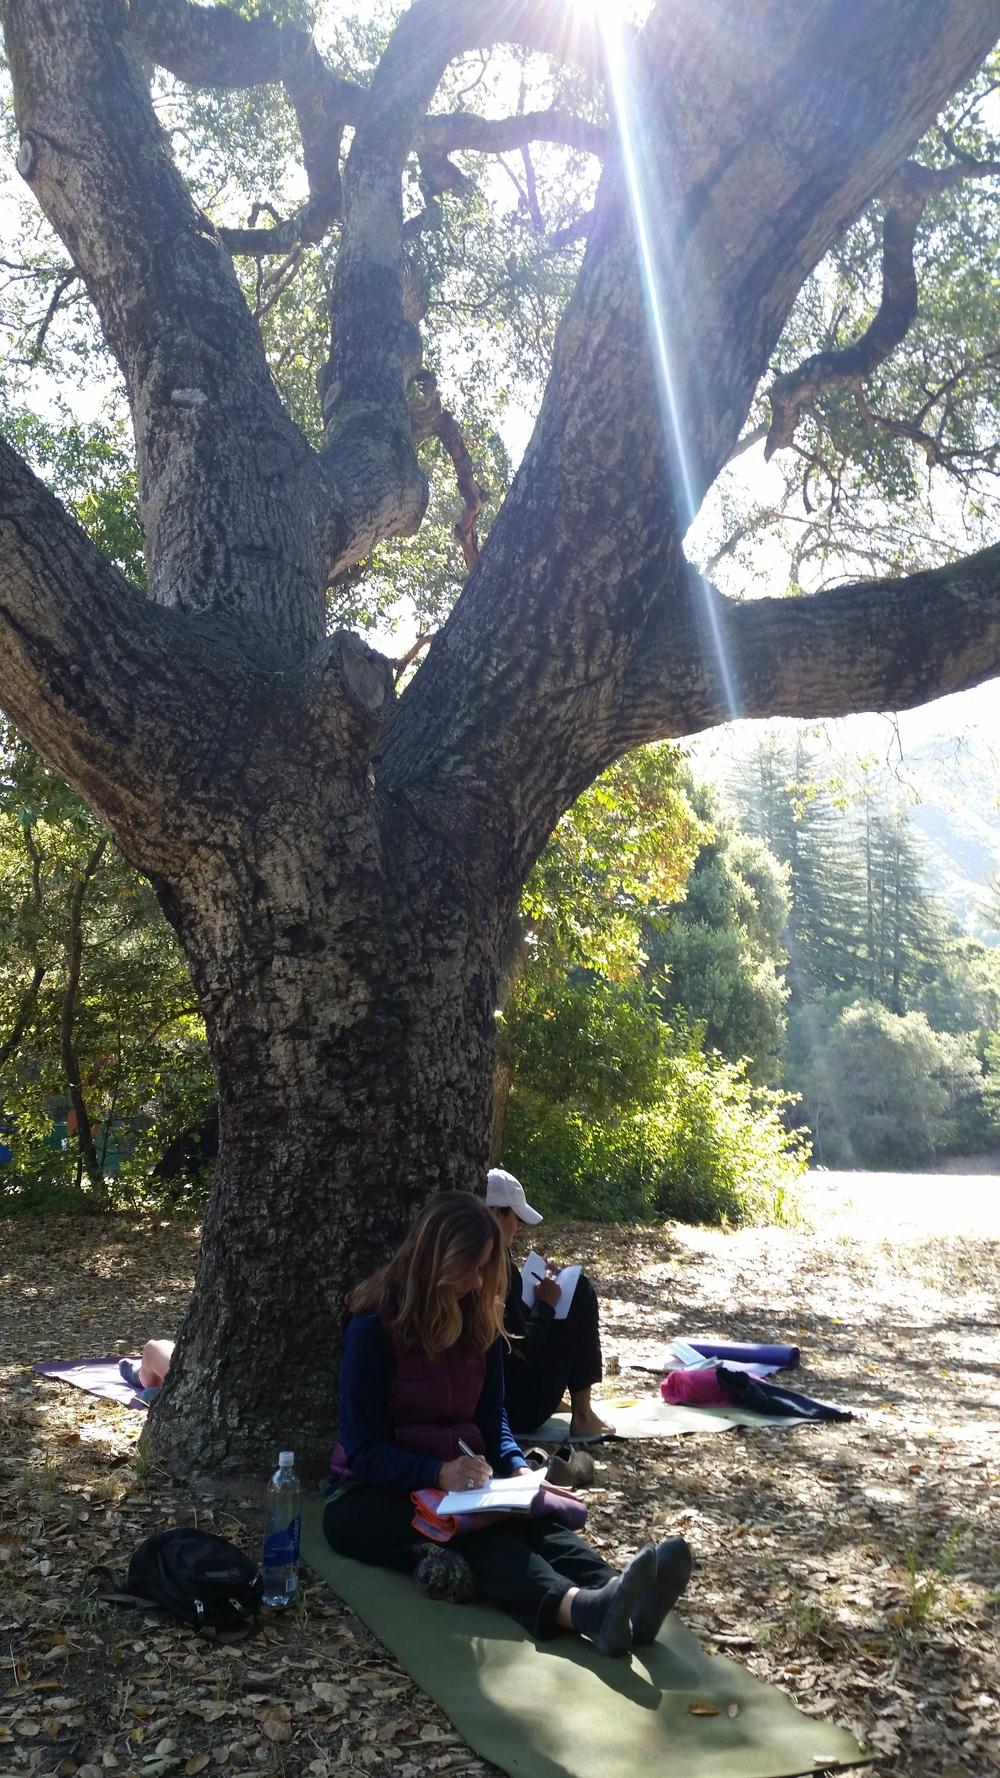 Elizabeth underneath the oak tree.